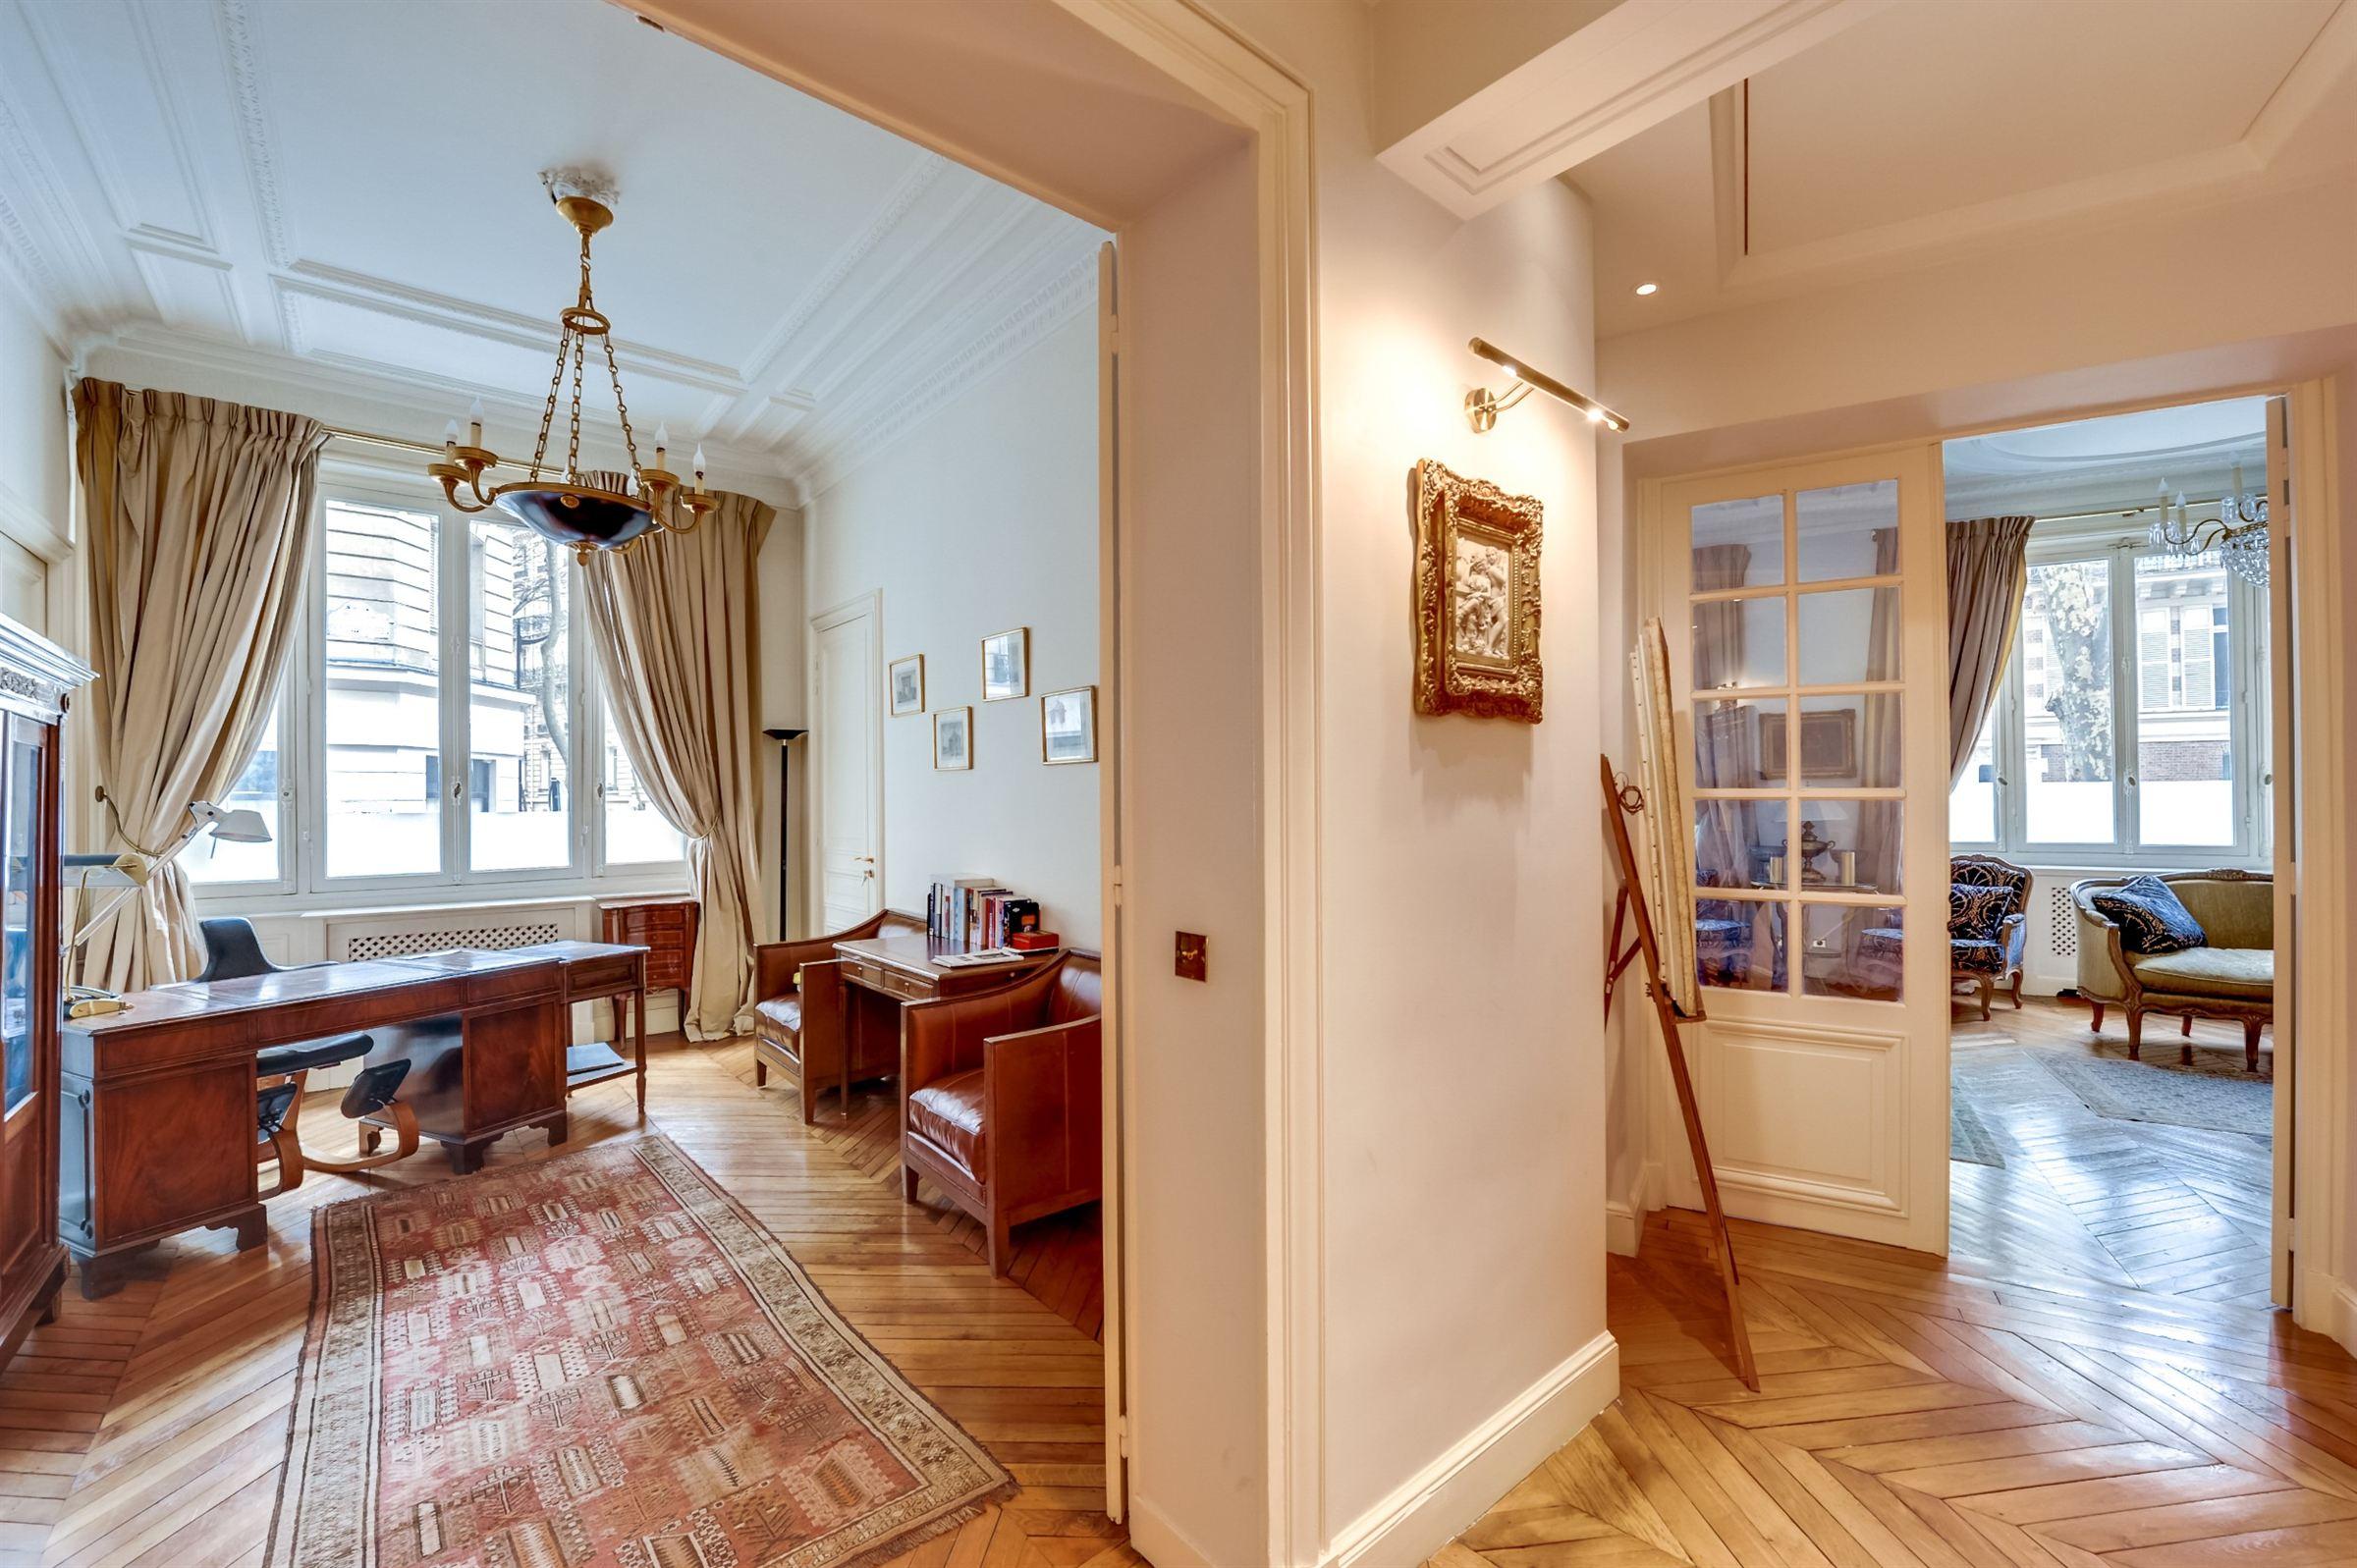 sales property at On sale triplex providing Eiffel Tower view Paris 7 Champ-de-Mars